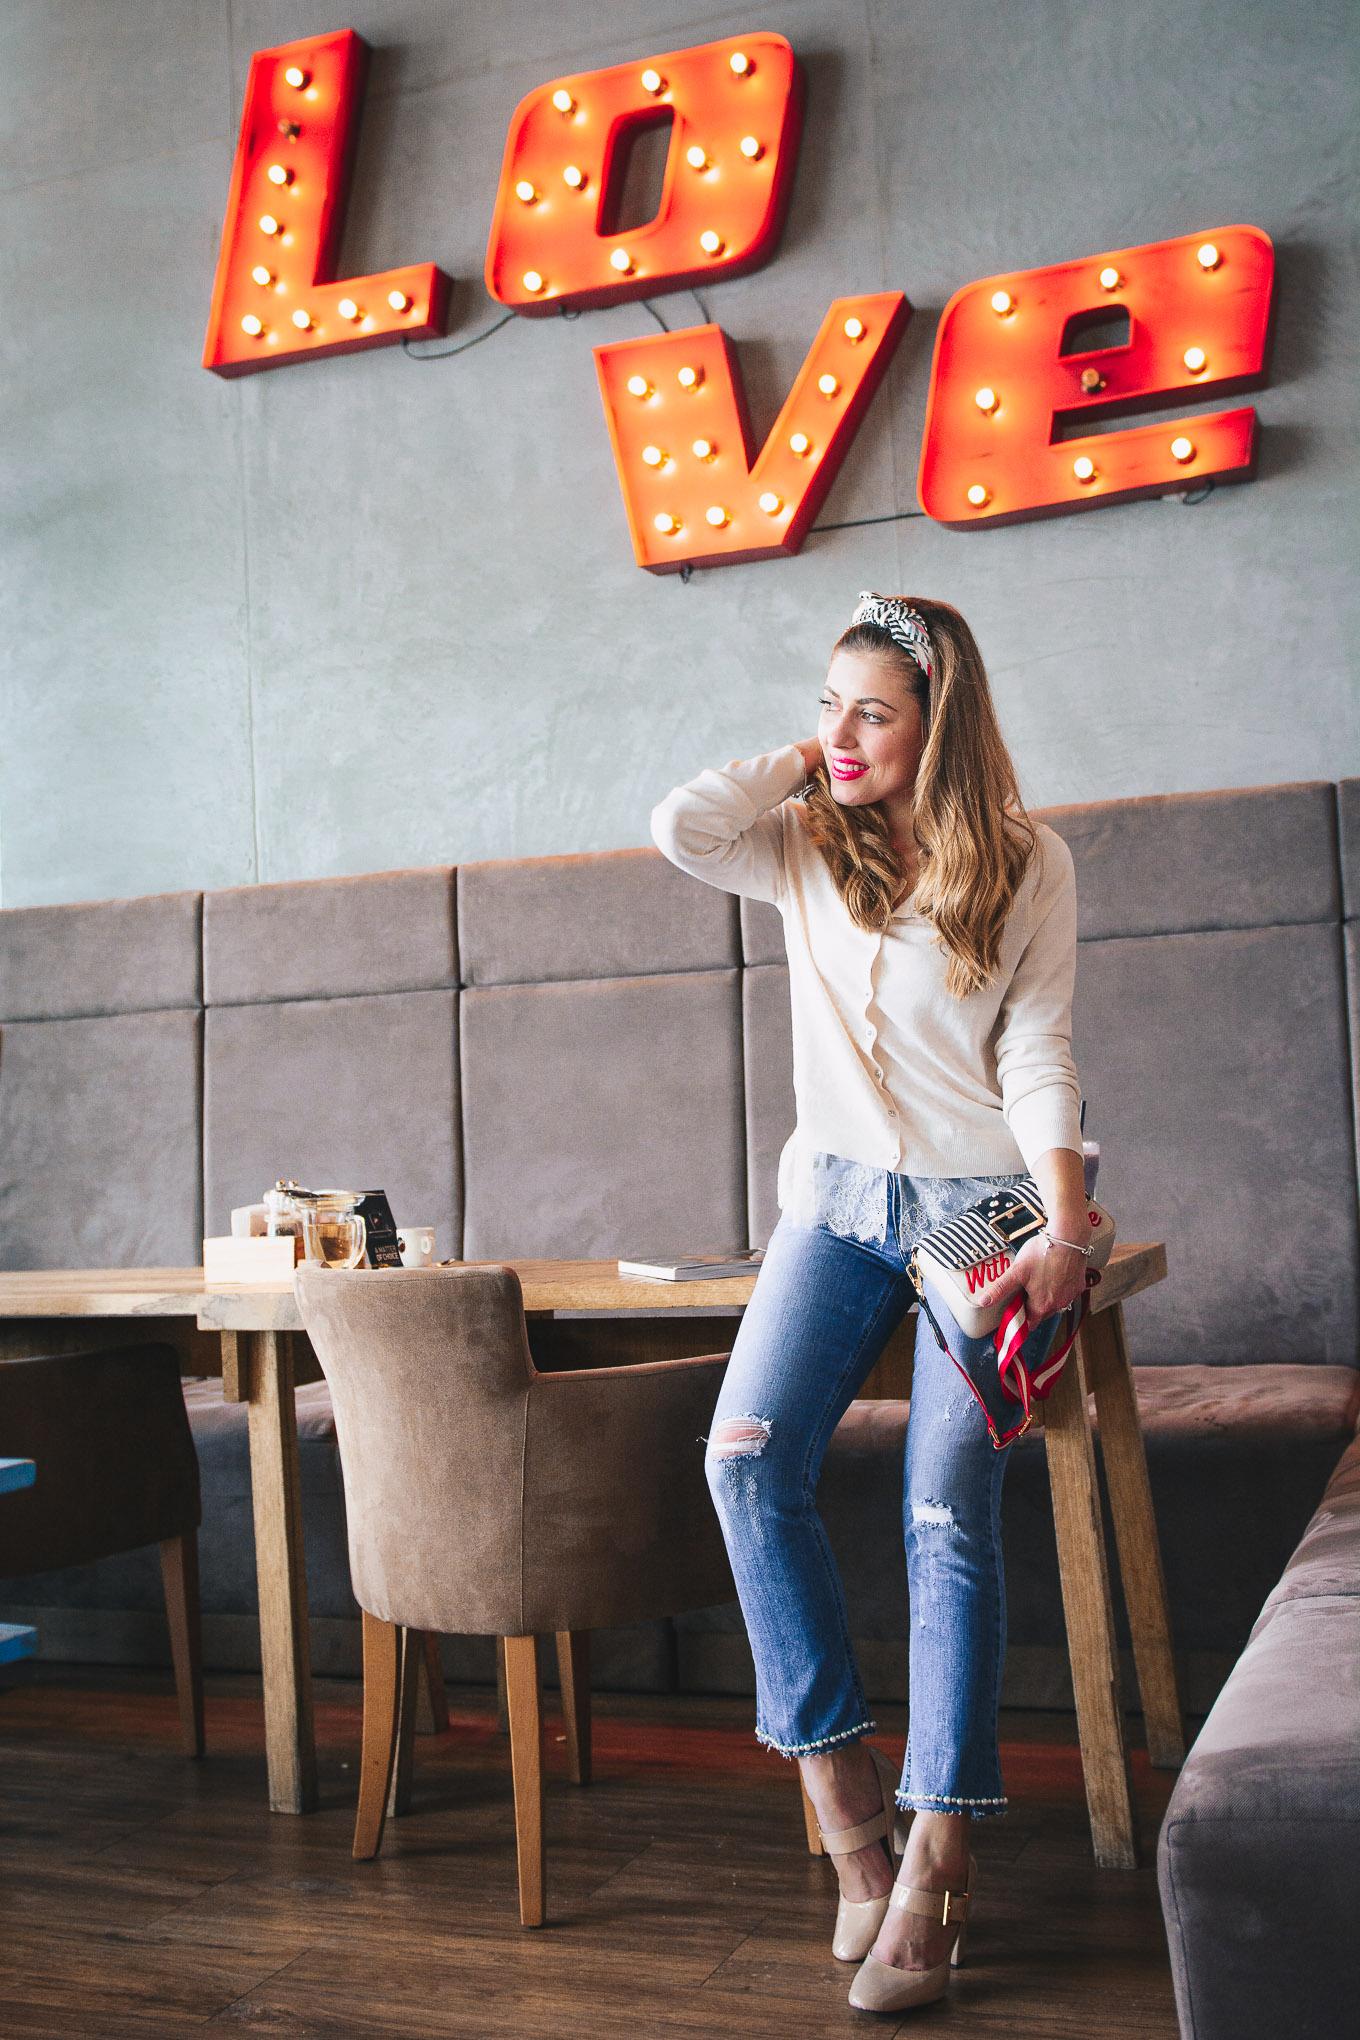 Soho cafe late afternoon mood